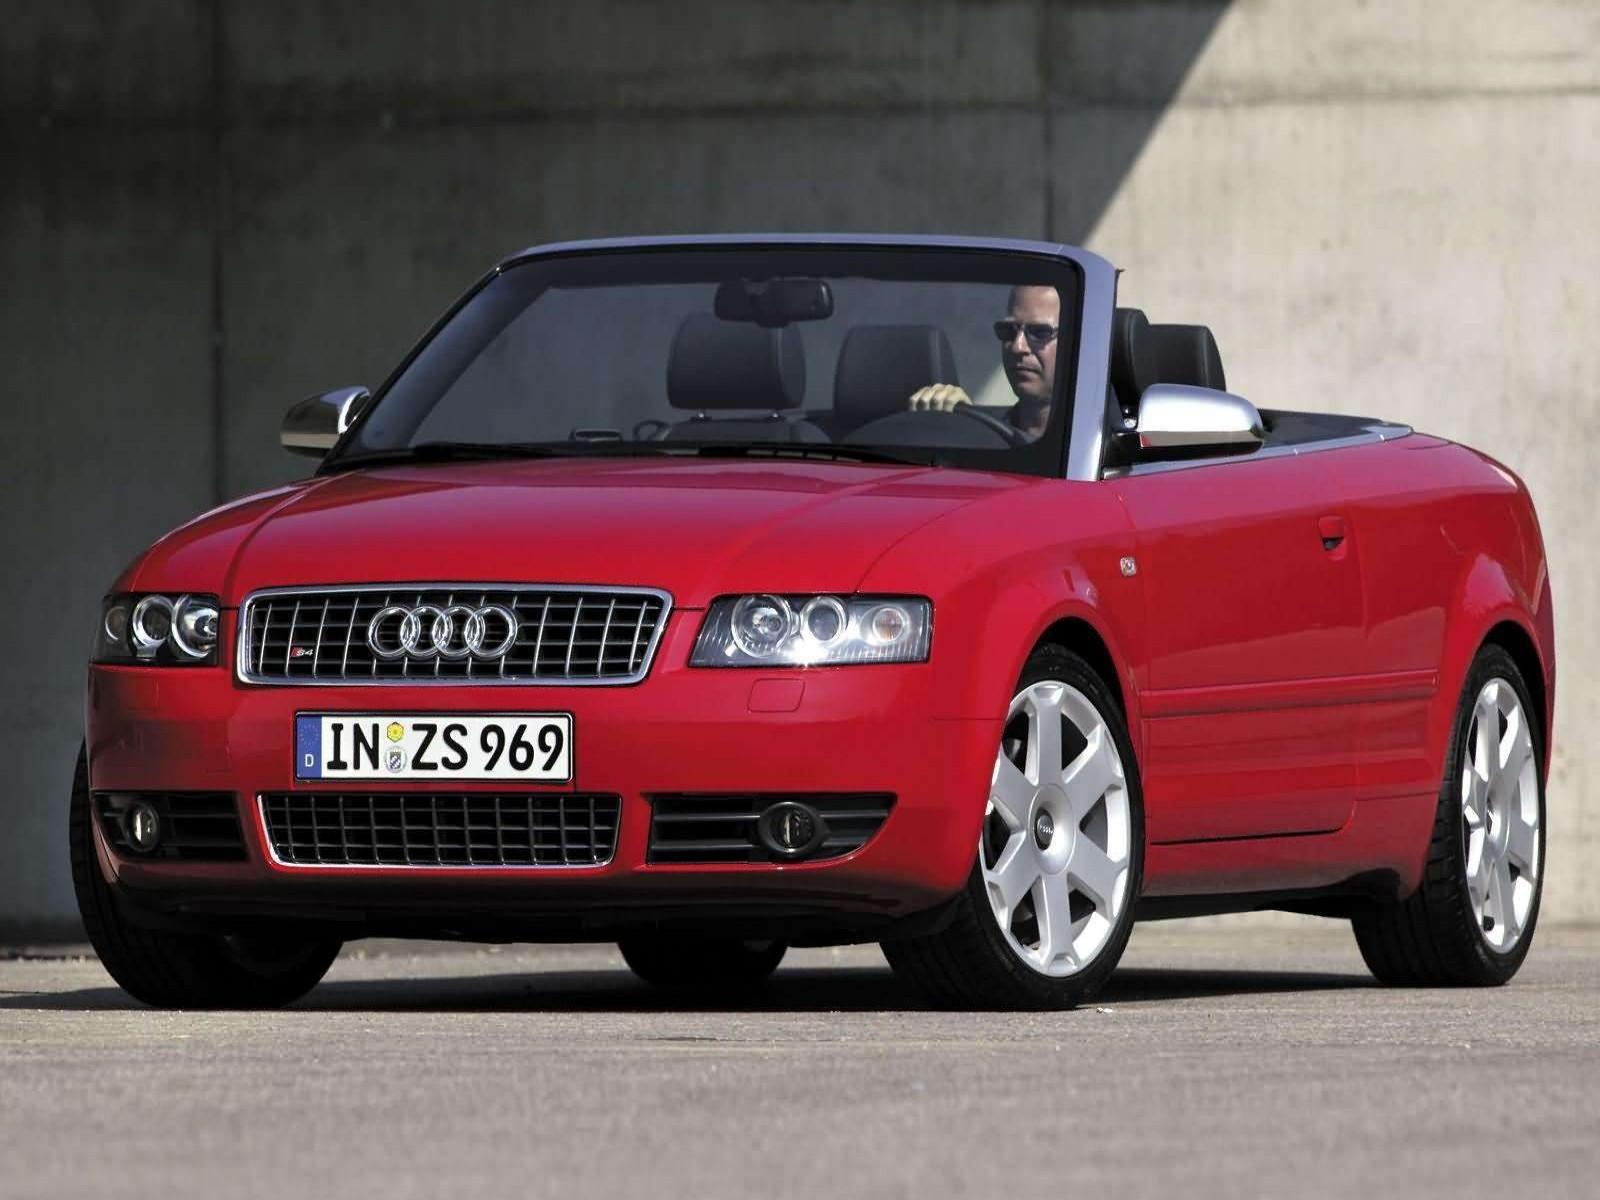 http://2.bp.blogspot.com/-qcxVcdAYq_w/TdgieUjat0I/AAAAAAAAAdM/PvLbu8J02No/s1600/2004+Audi+S4+Cabriolet.jpg